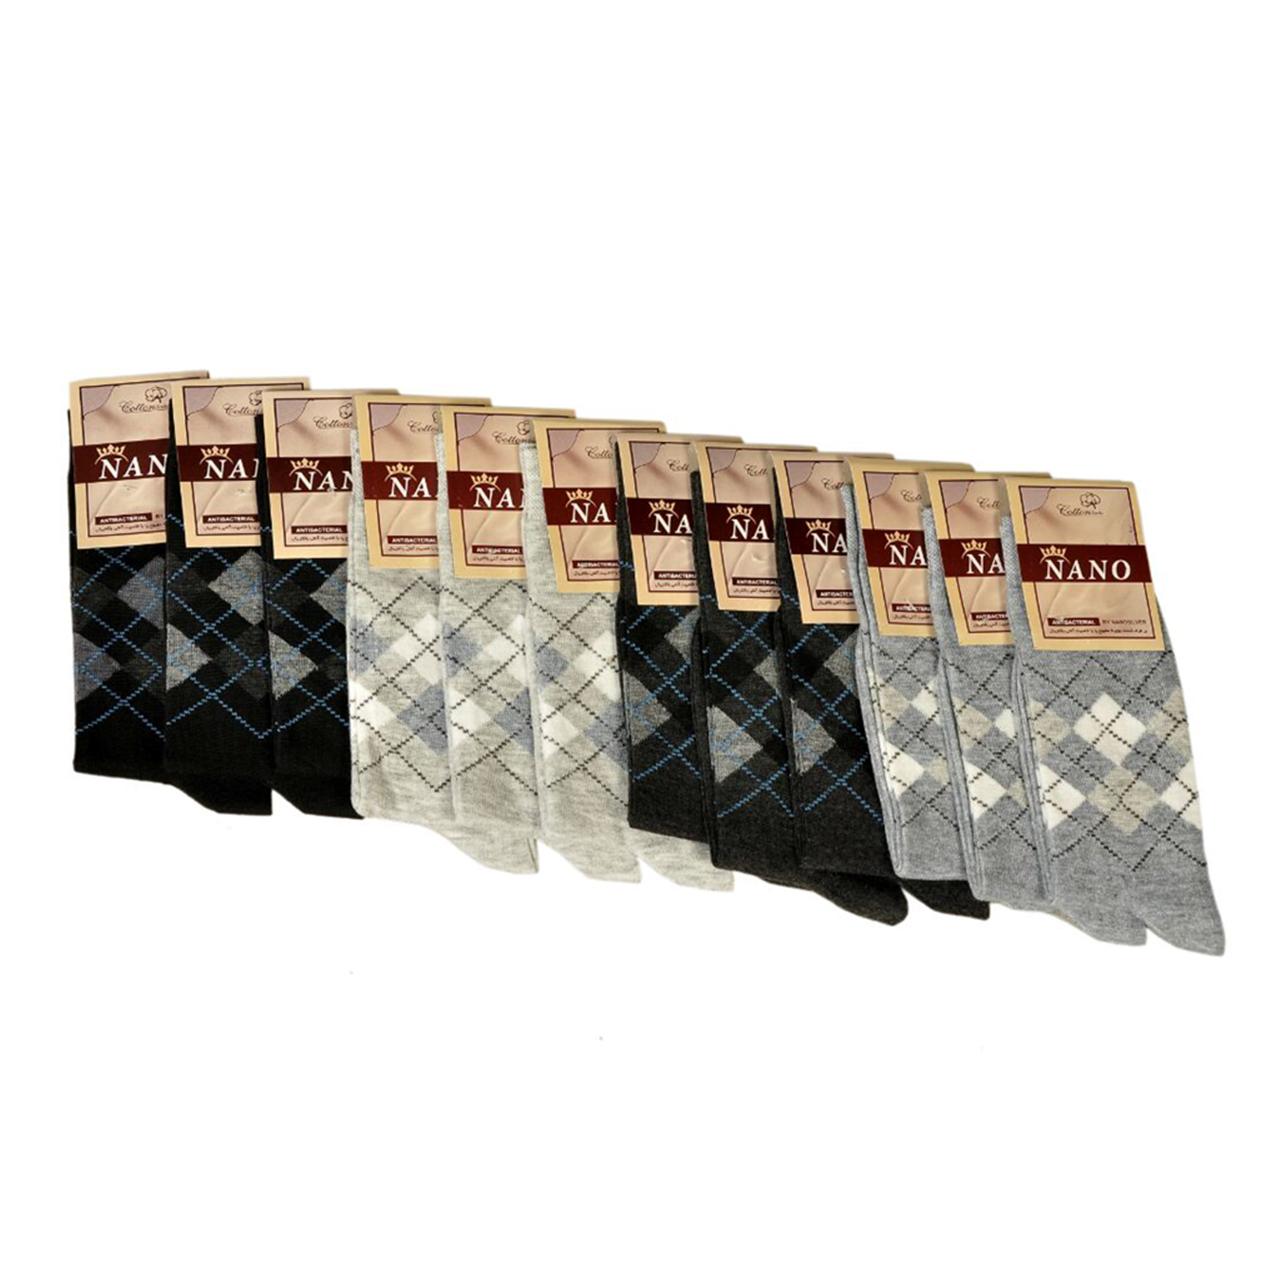 جوراب مردانه کد 10 بسته 12 عددی